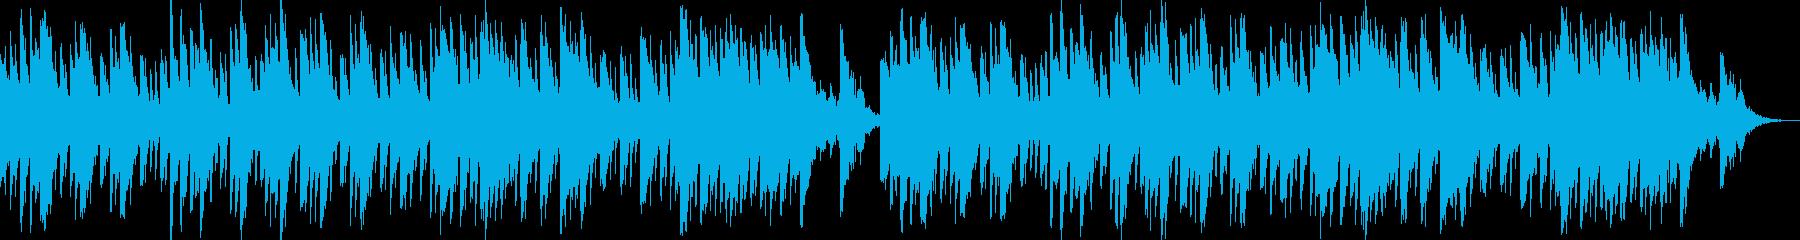 洞窟探検のBGMの再生済みの波形